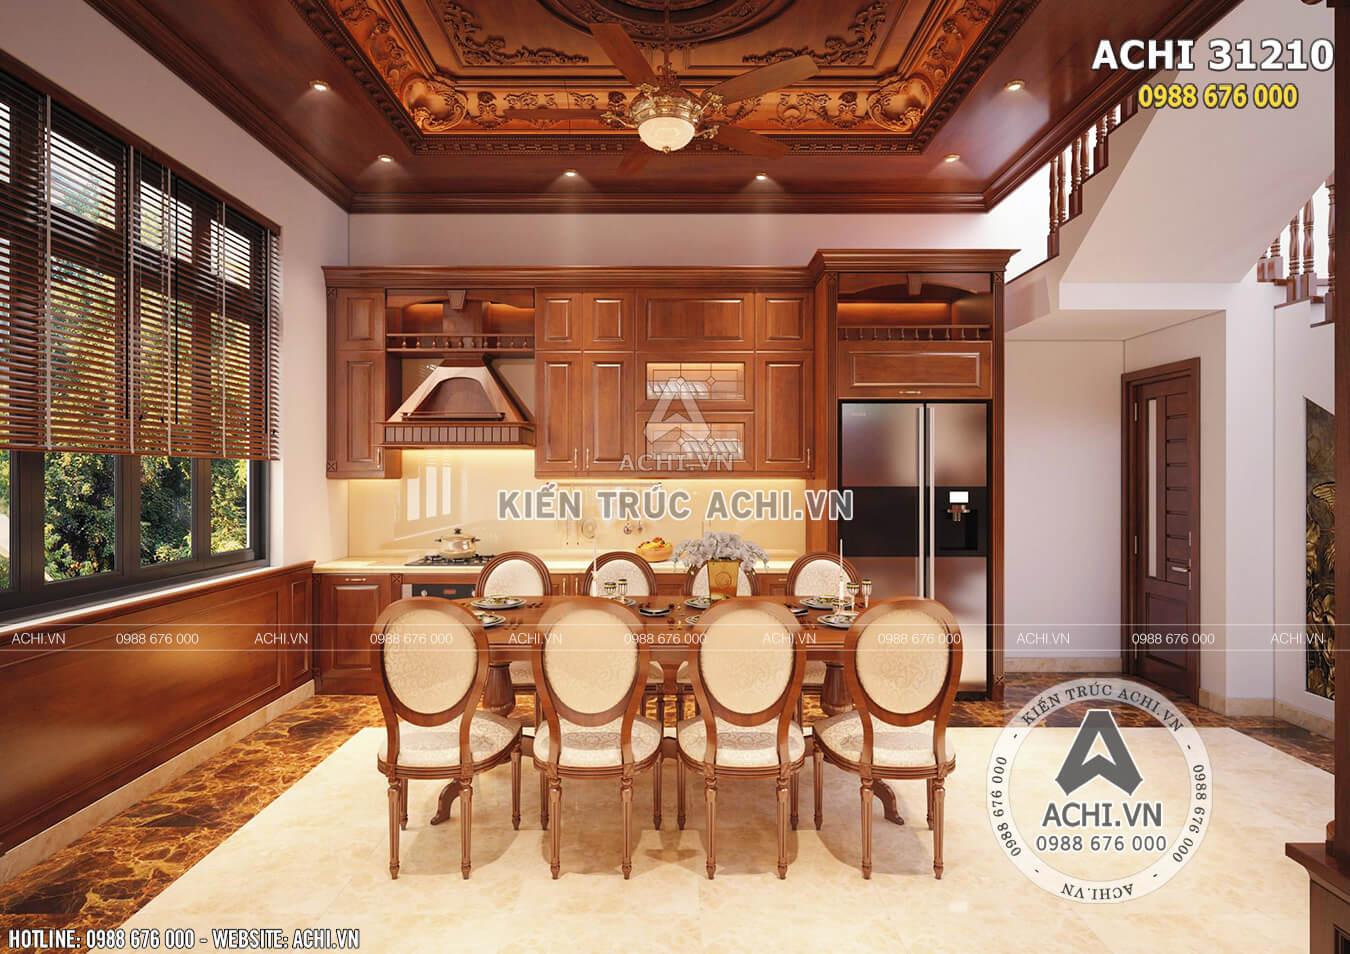 Nội thất phòng bếp nổi bật và ấm áp với chất liệu gỗ cao cấp